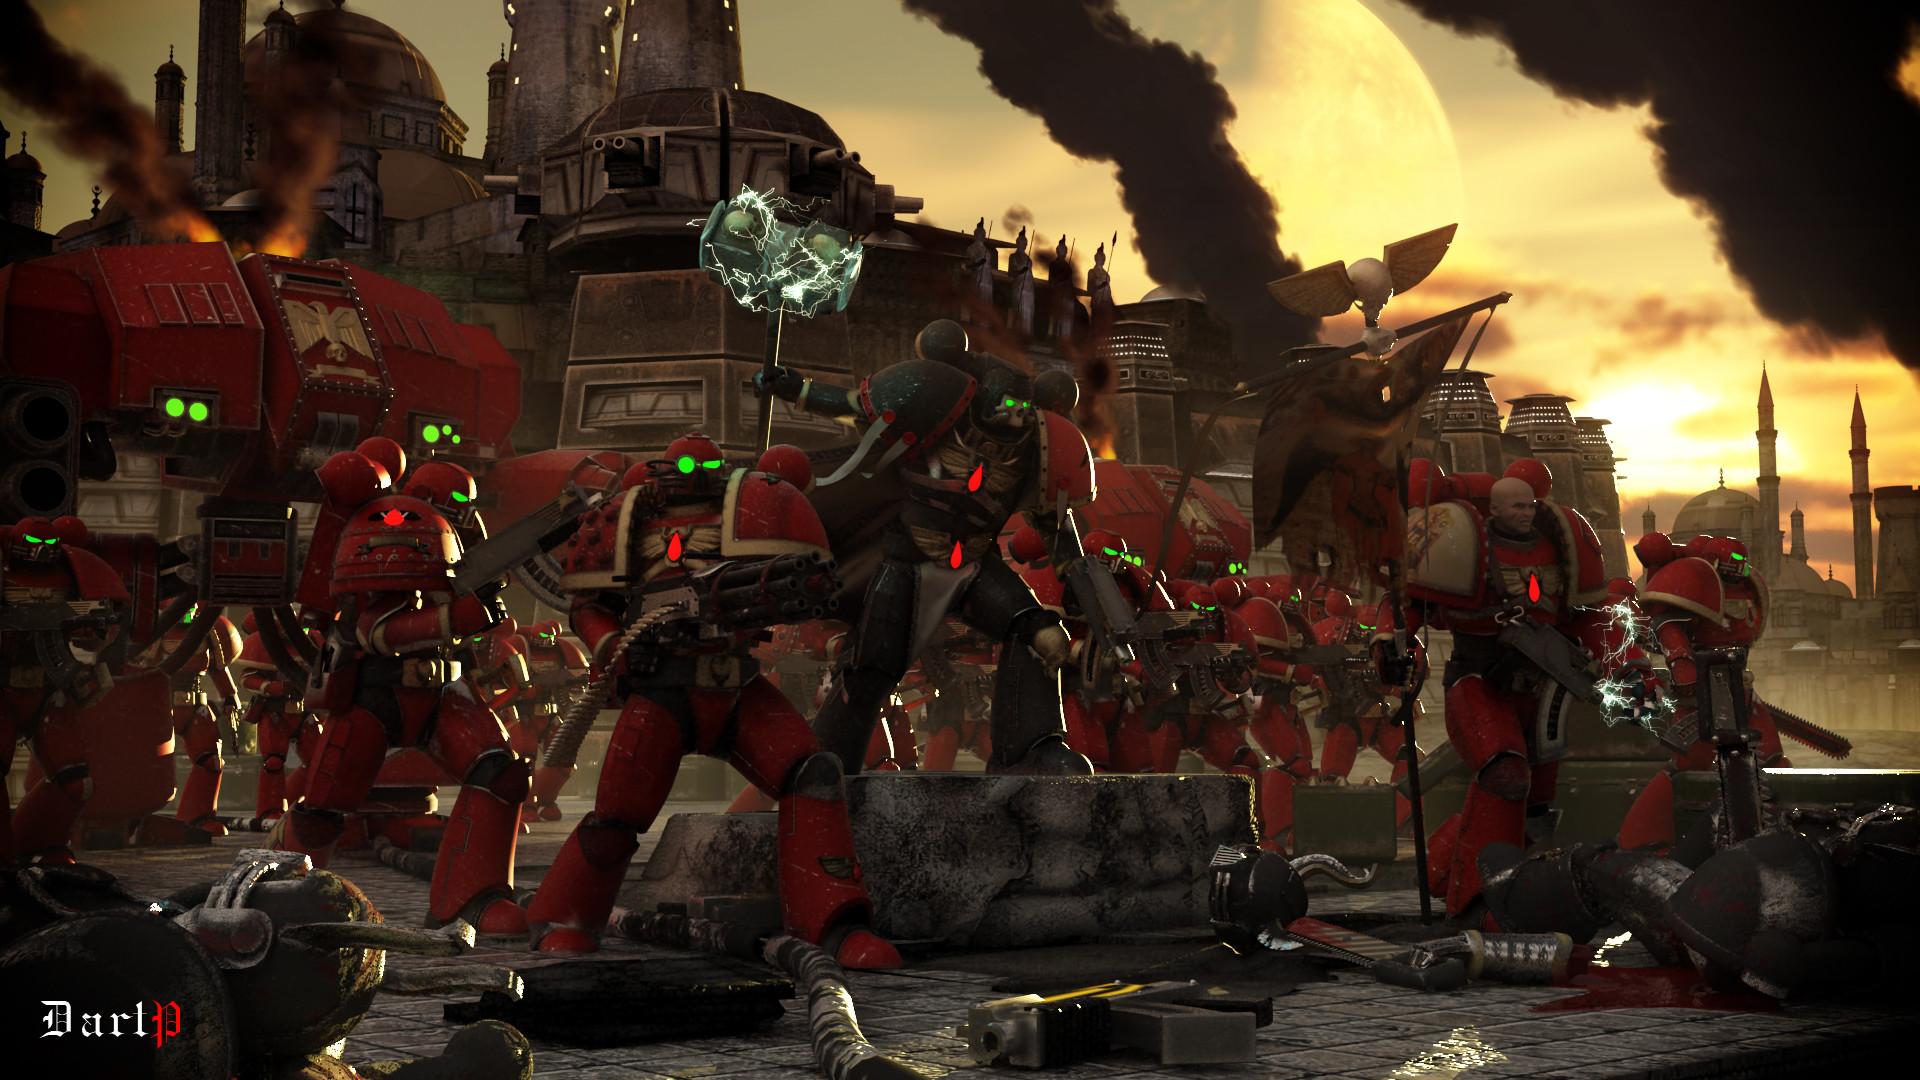 Warhammer 40k art about 3d blood_angels bolter chainsword chaos dartp .